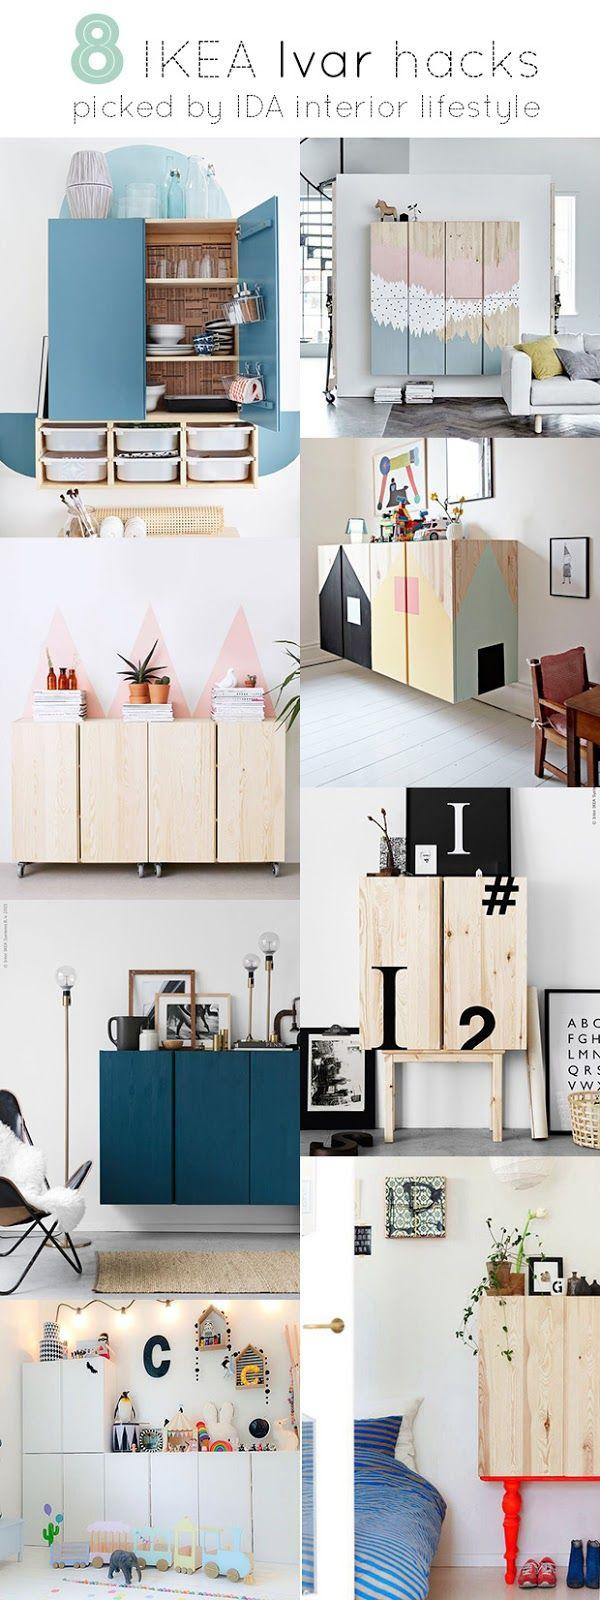 Diy Tunear El Mueble Ivar De Ikea Simple Shapes Shapes And Tvs # Muebles Lifestyle